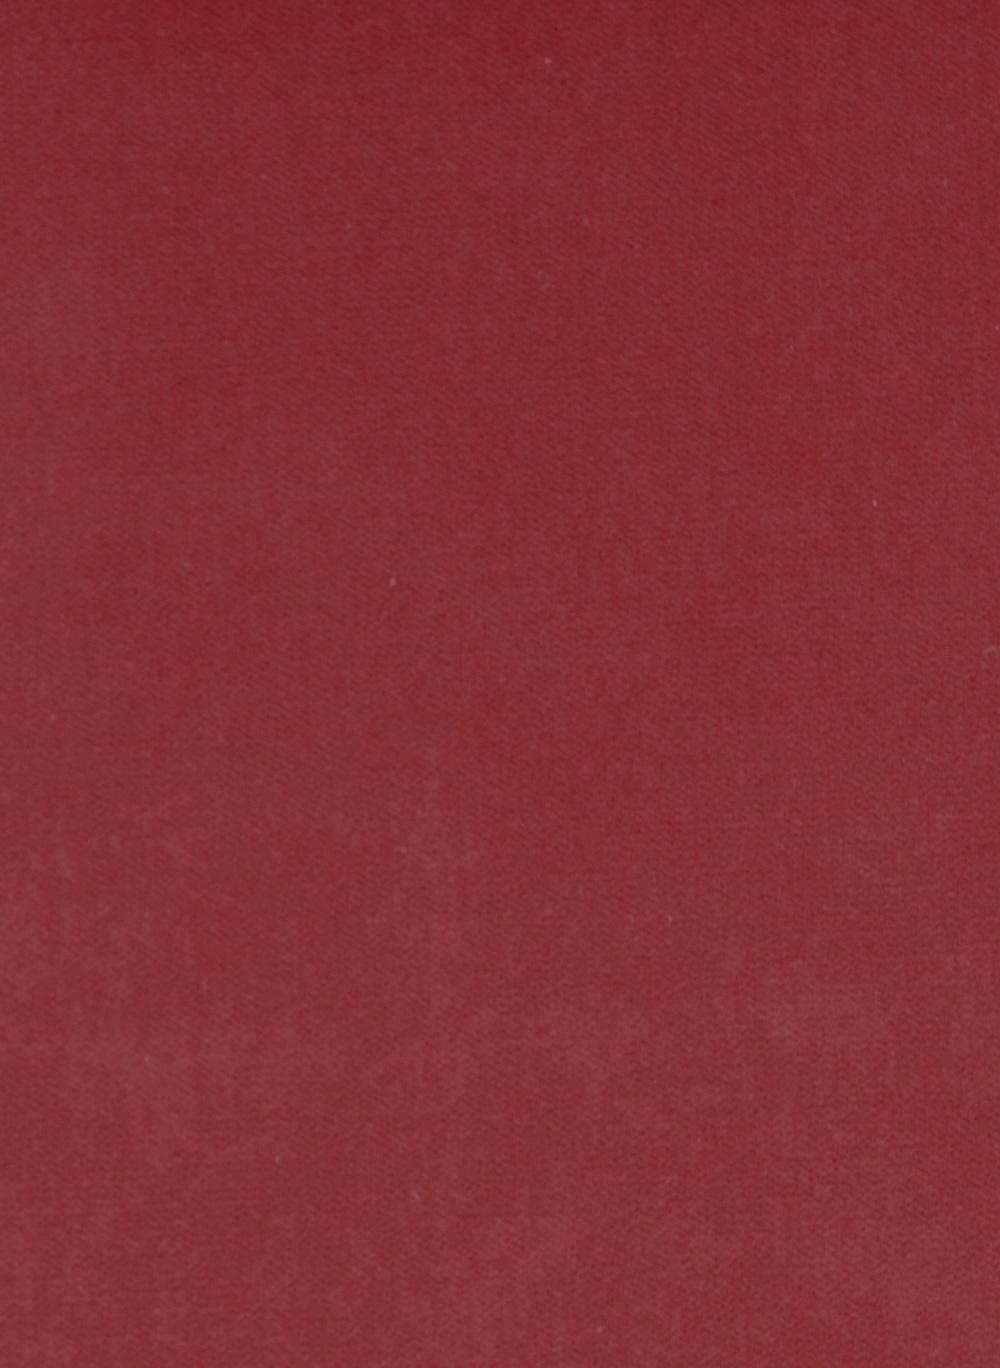 Velvet Red - Kate Forman